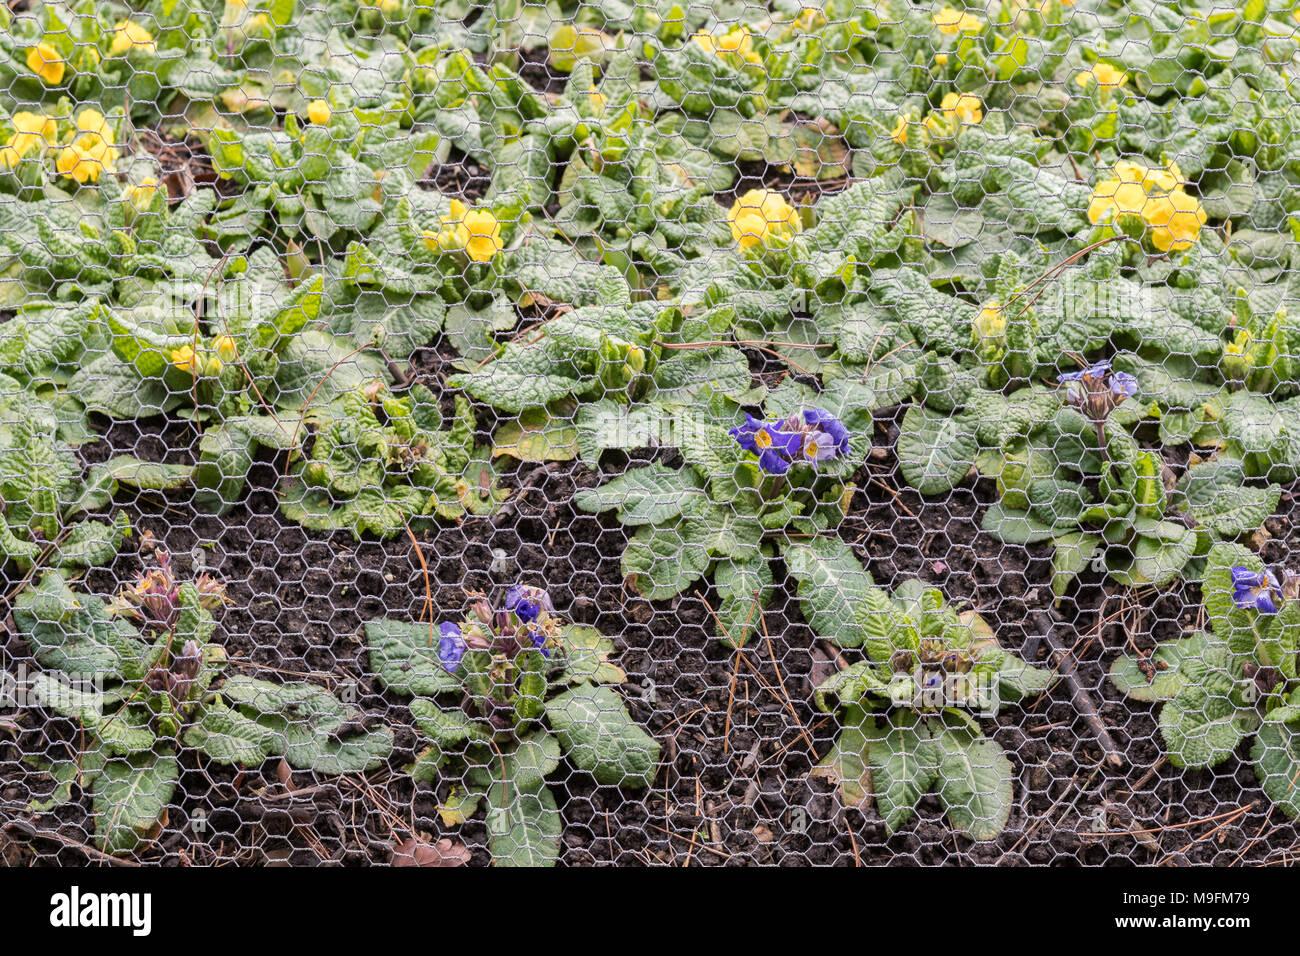 Chicken Wire Plants Stockfotos & Chicken Wire Plants Bilder - Alamy